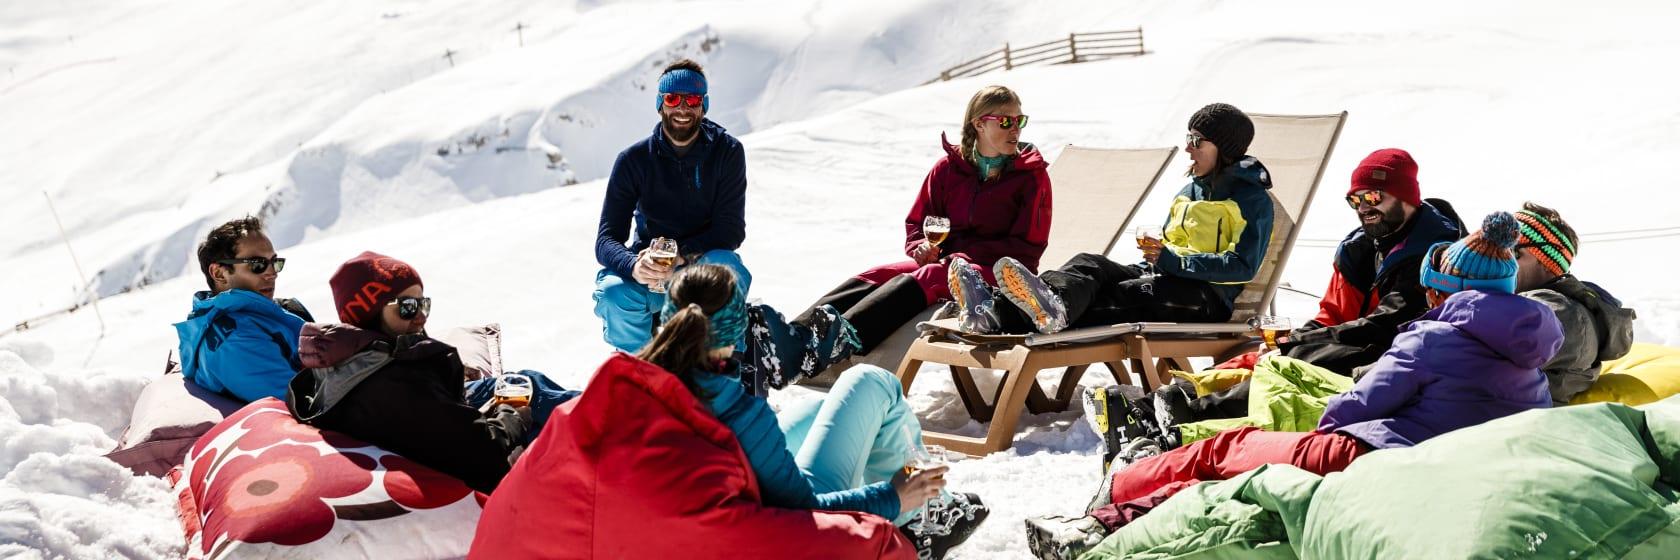 Glade mennesker på skirejse i sneen med udsigt over bjerge